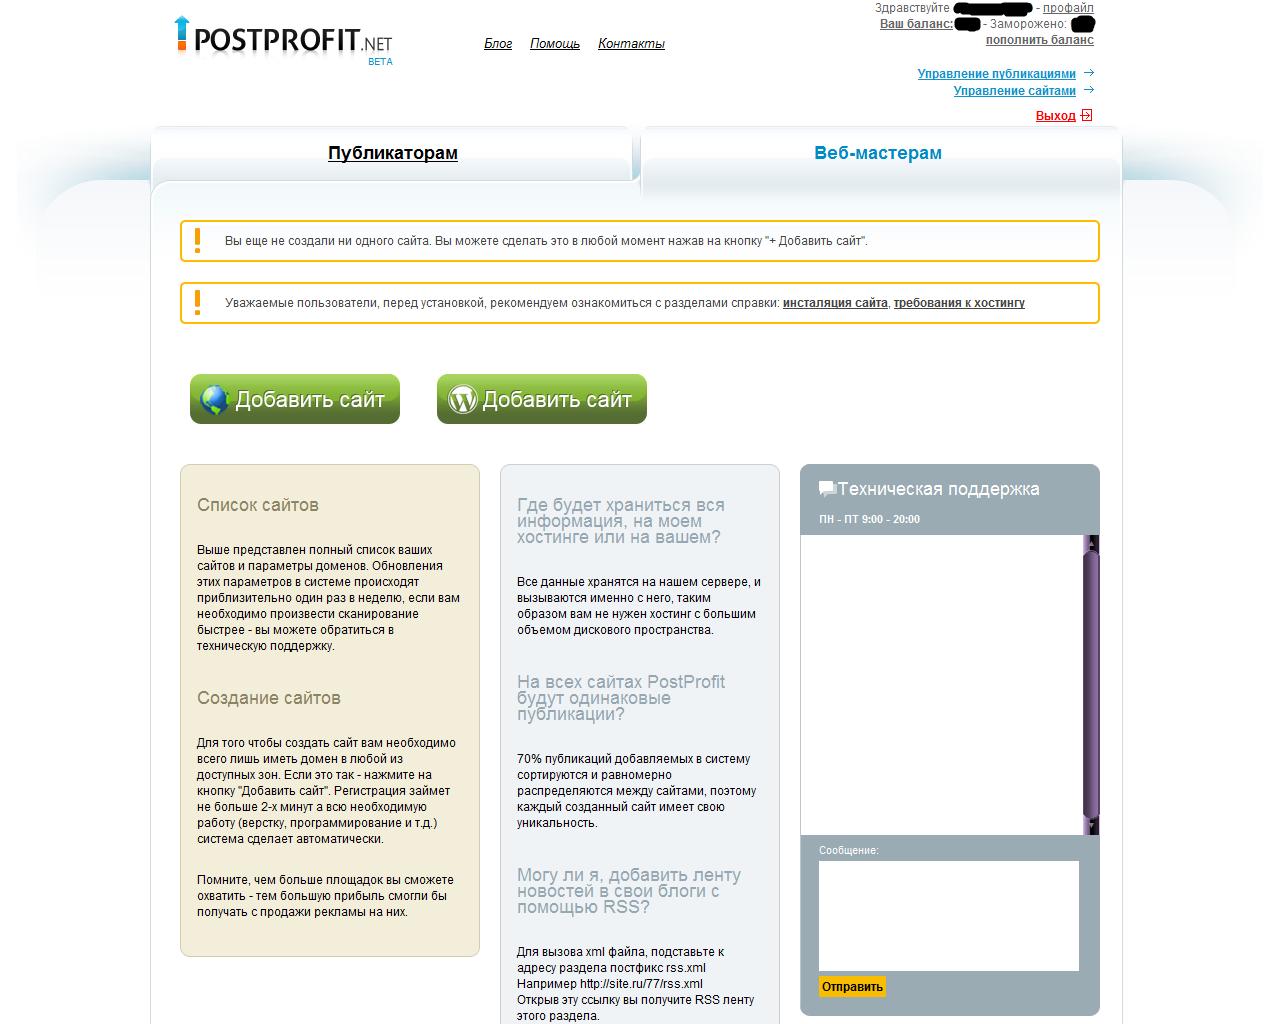 Особенности работы для веб-мастеров в PostProfit